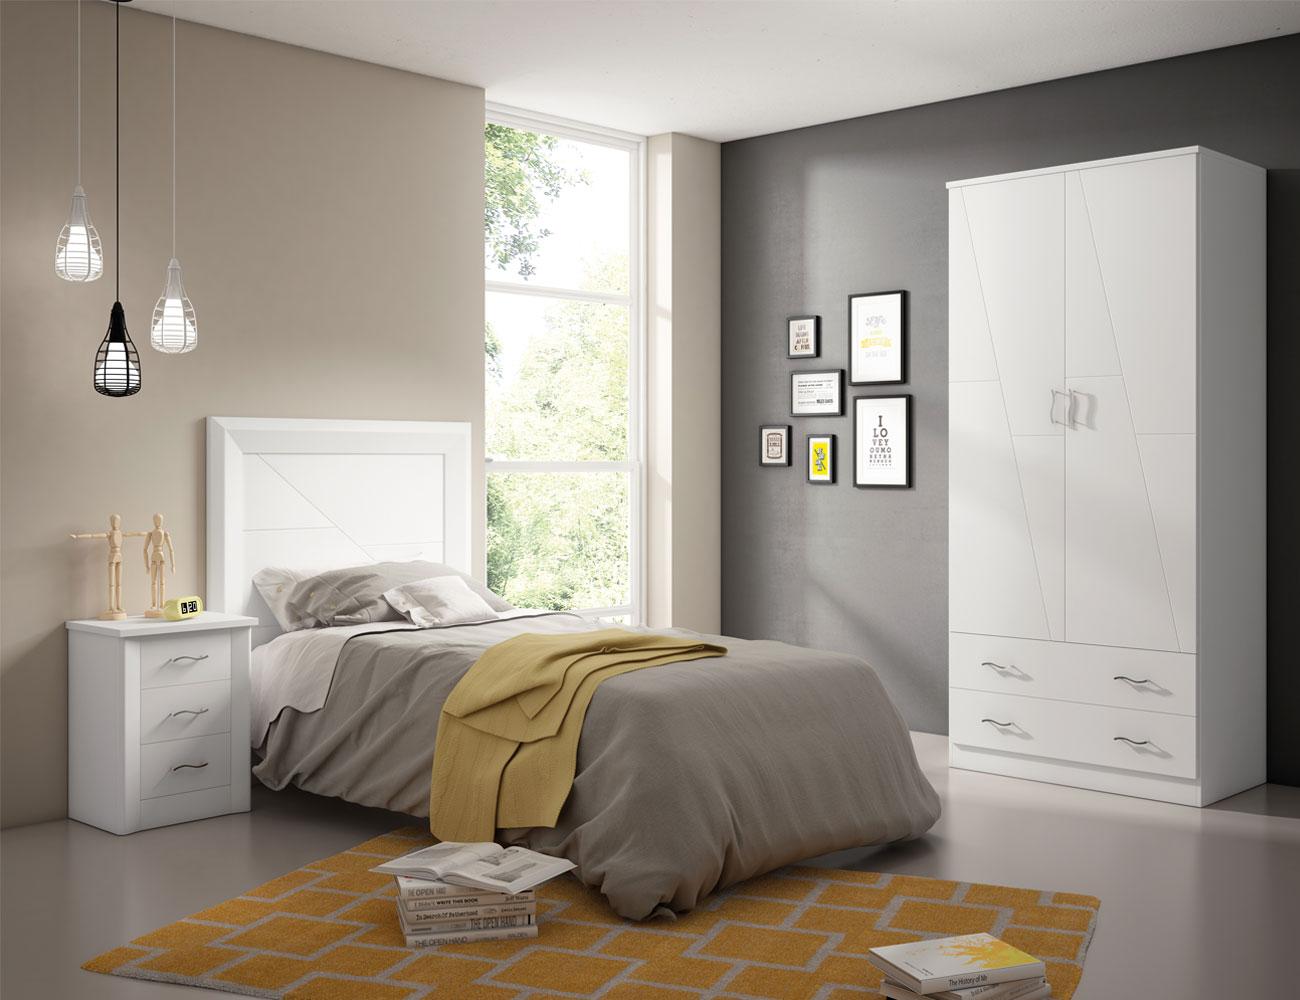 5 dormitorio juvenil madera blanco lacado3